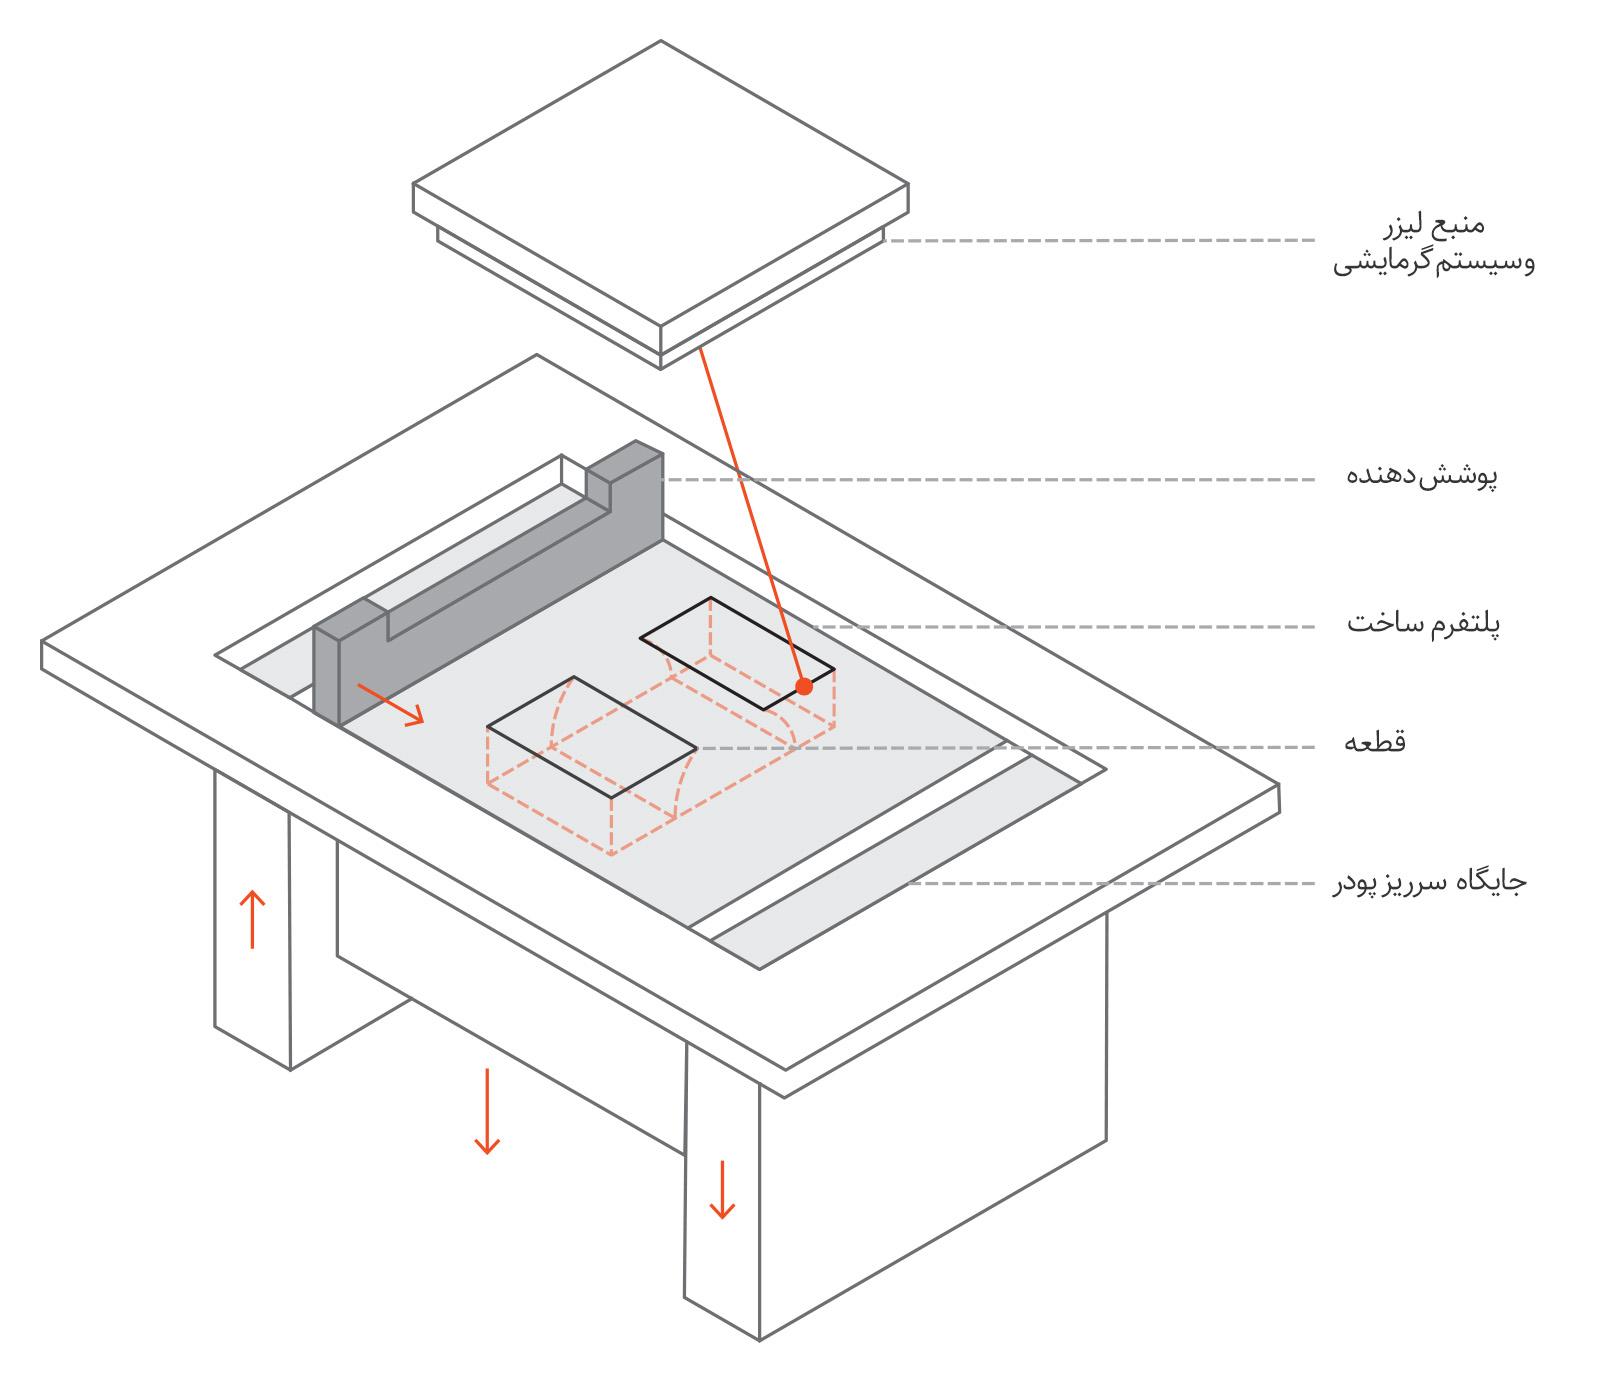 نمای شماتیک پرینتر سه بعدی SLM/DMLS